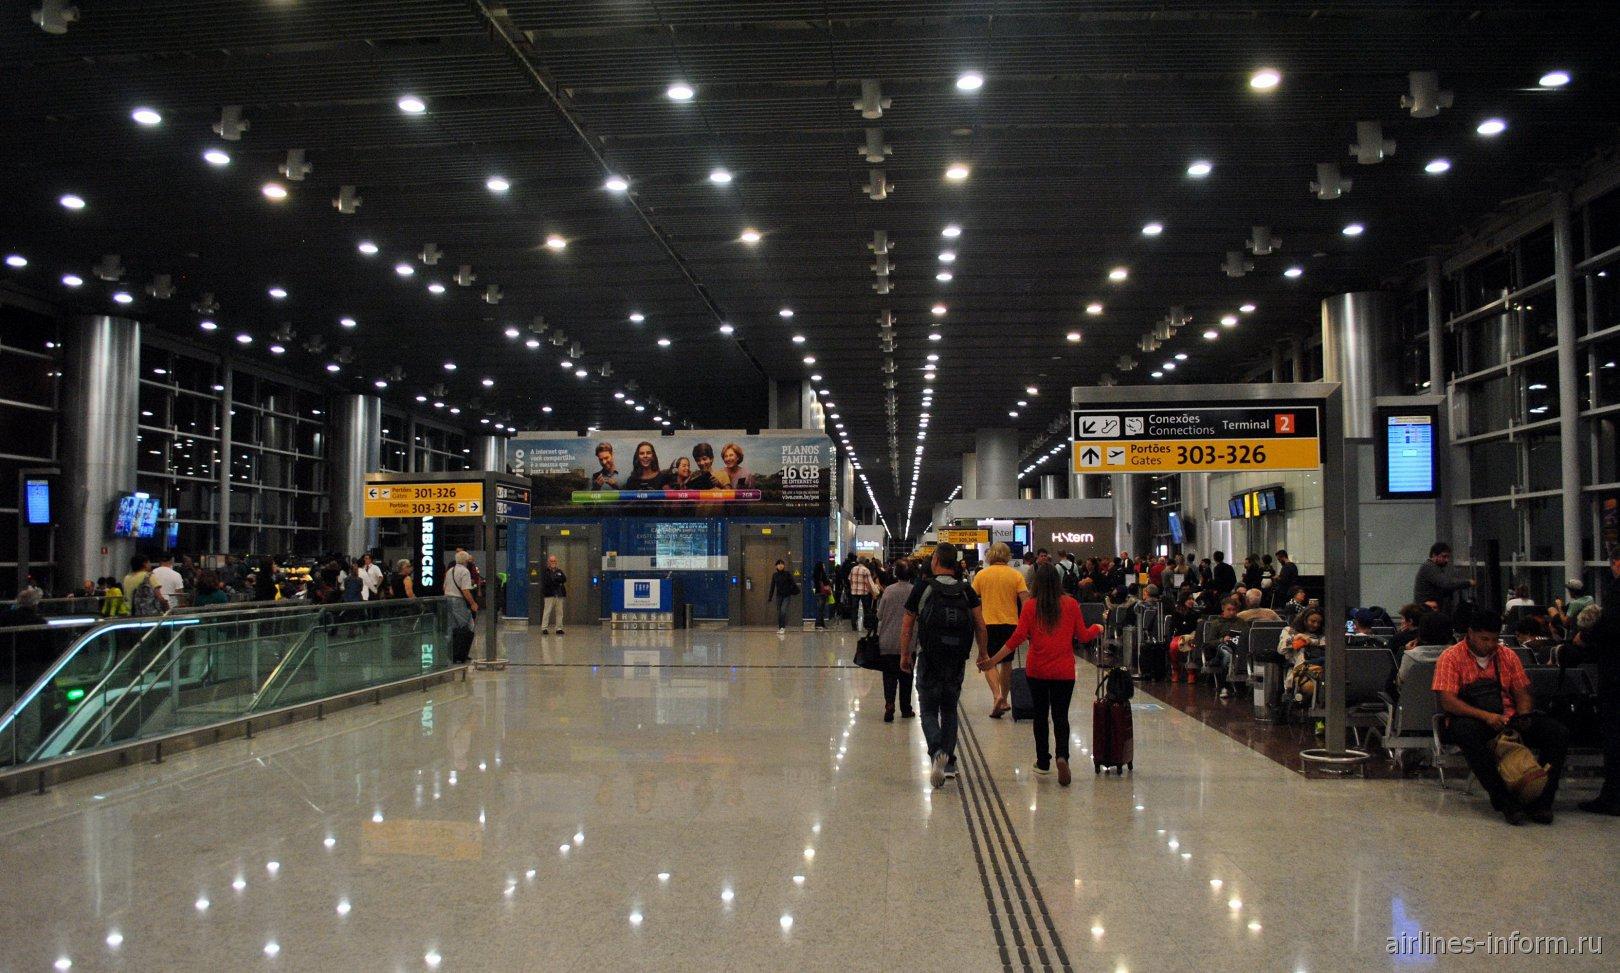 Зона выходов на посадку в терминале Т3 аэропорта Сан-Паулу Гуарулхос